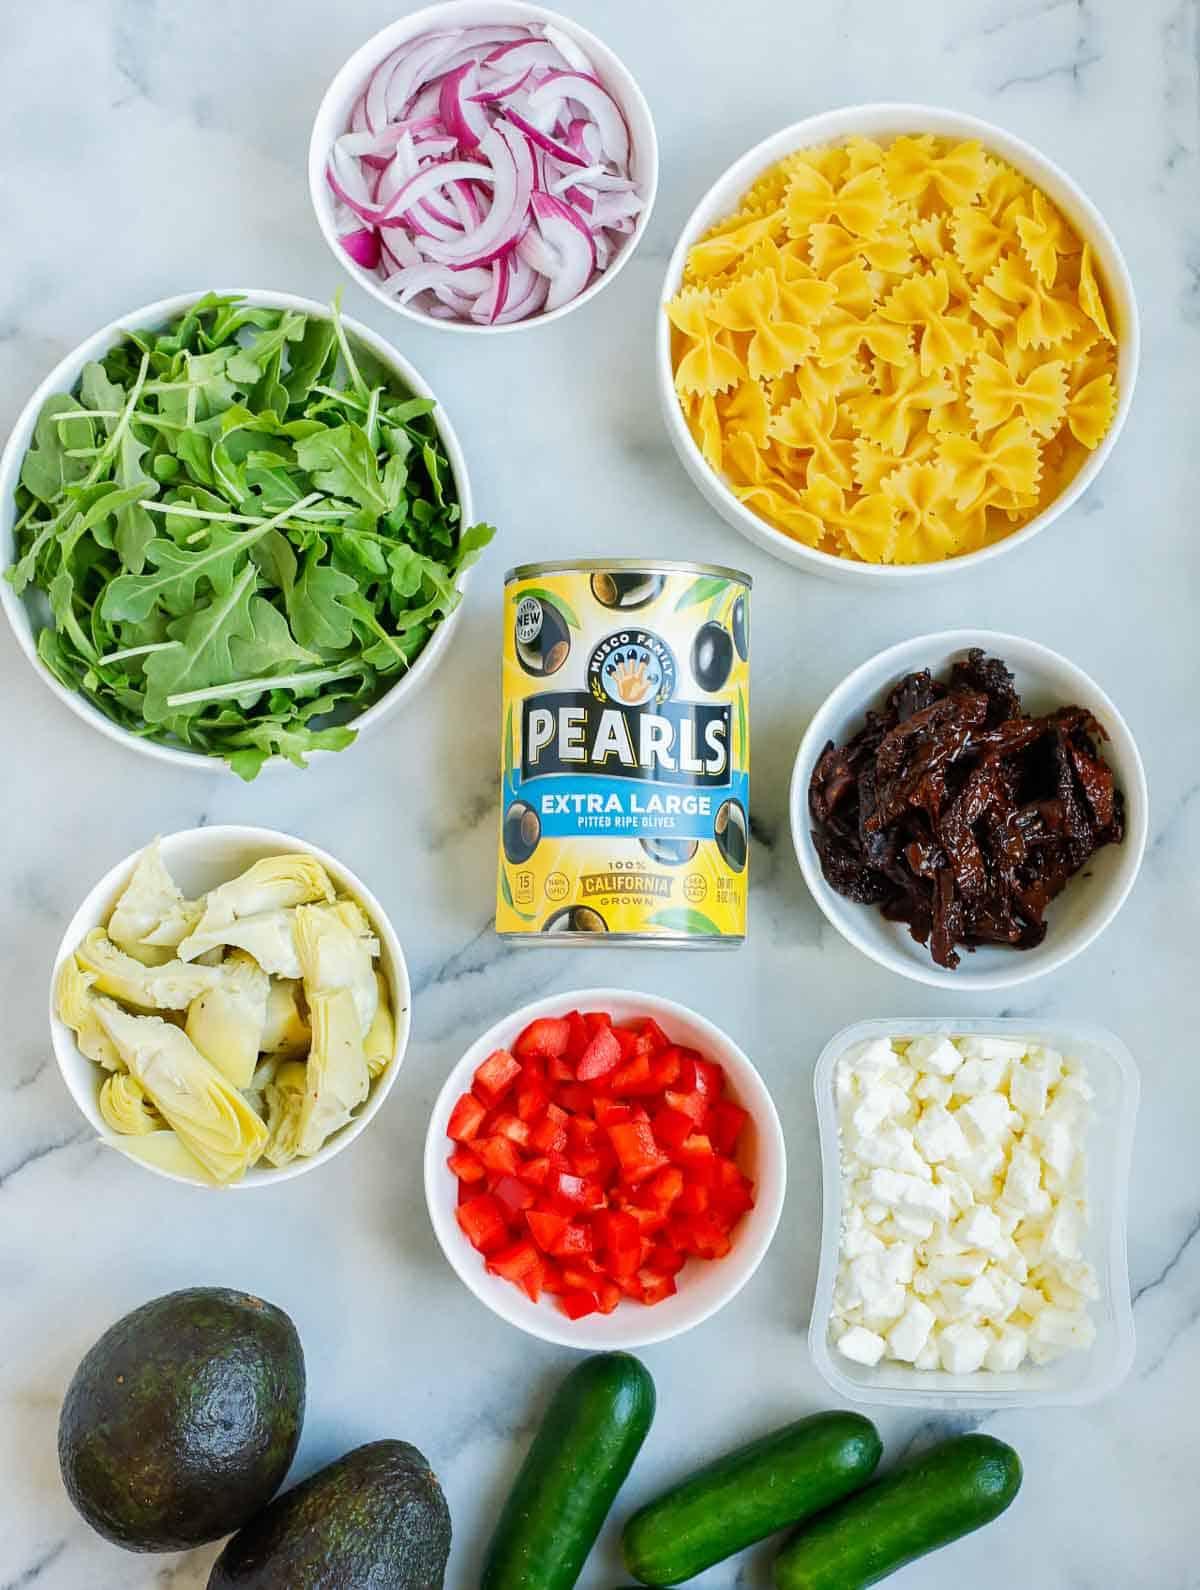 Ingredients needed to make Lemon Herb Mediterranean Salad.